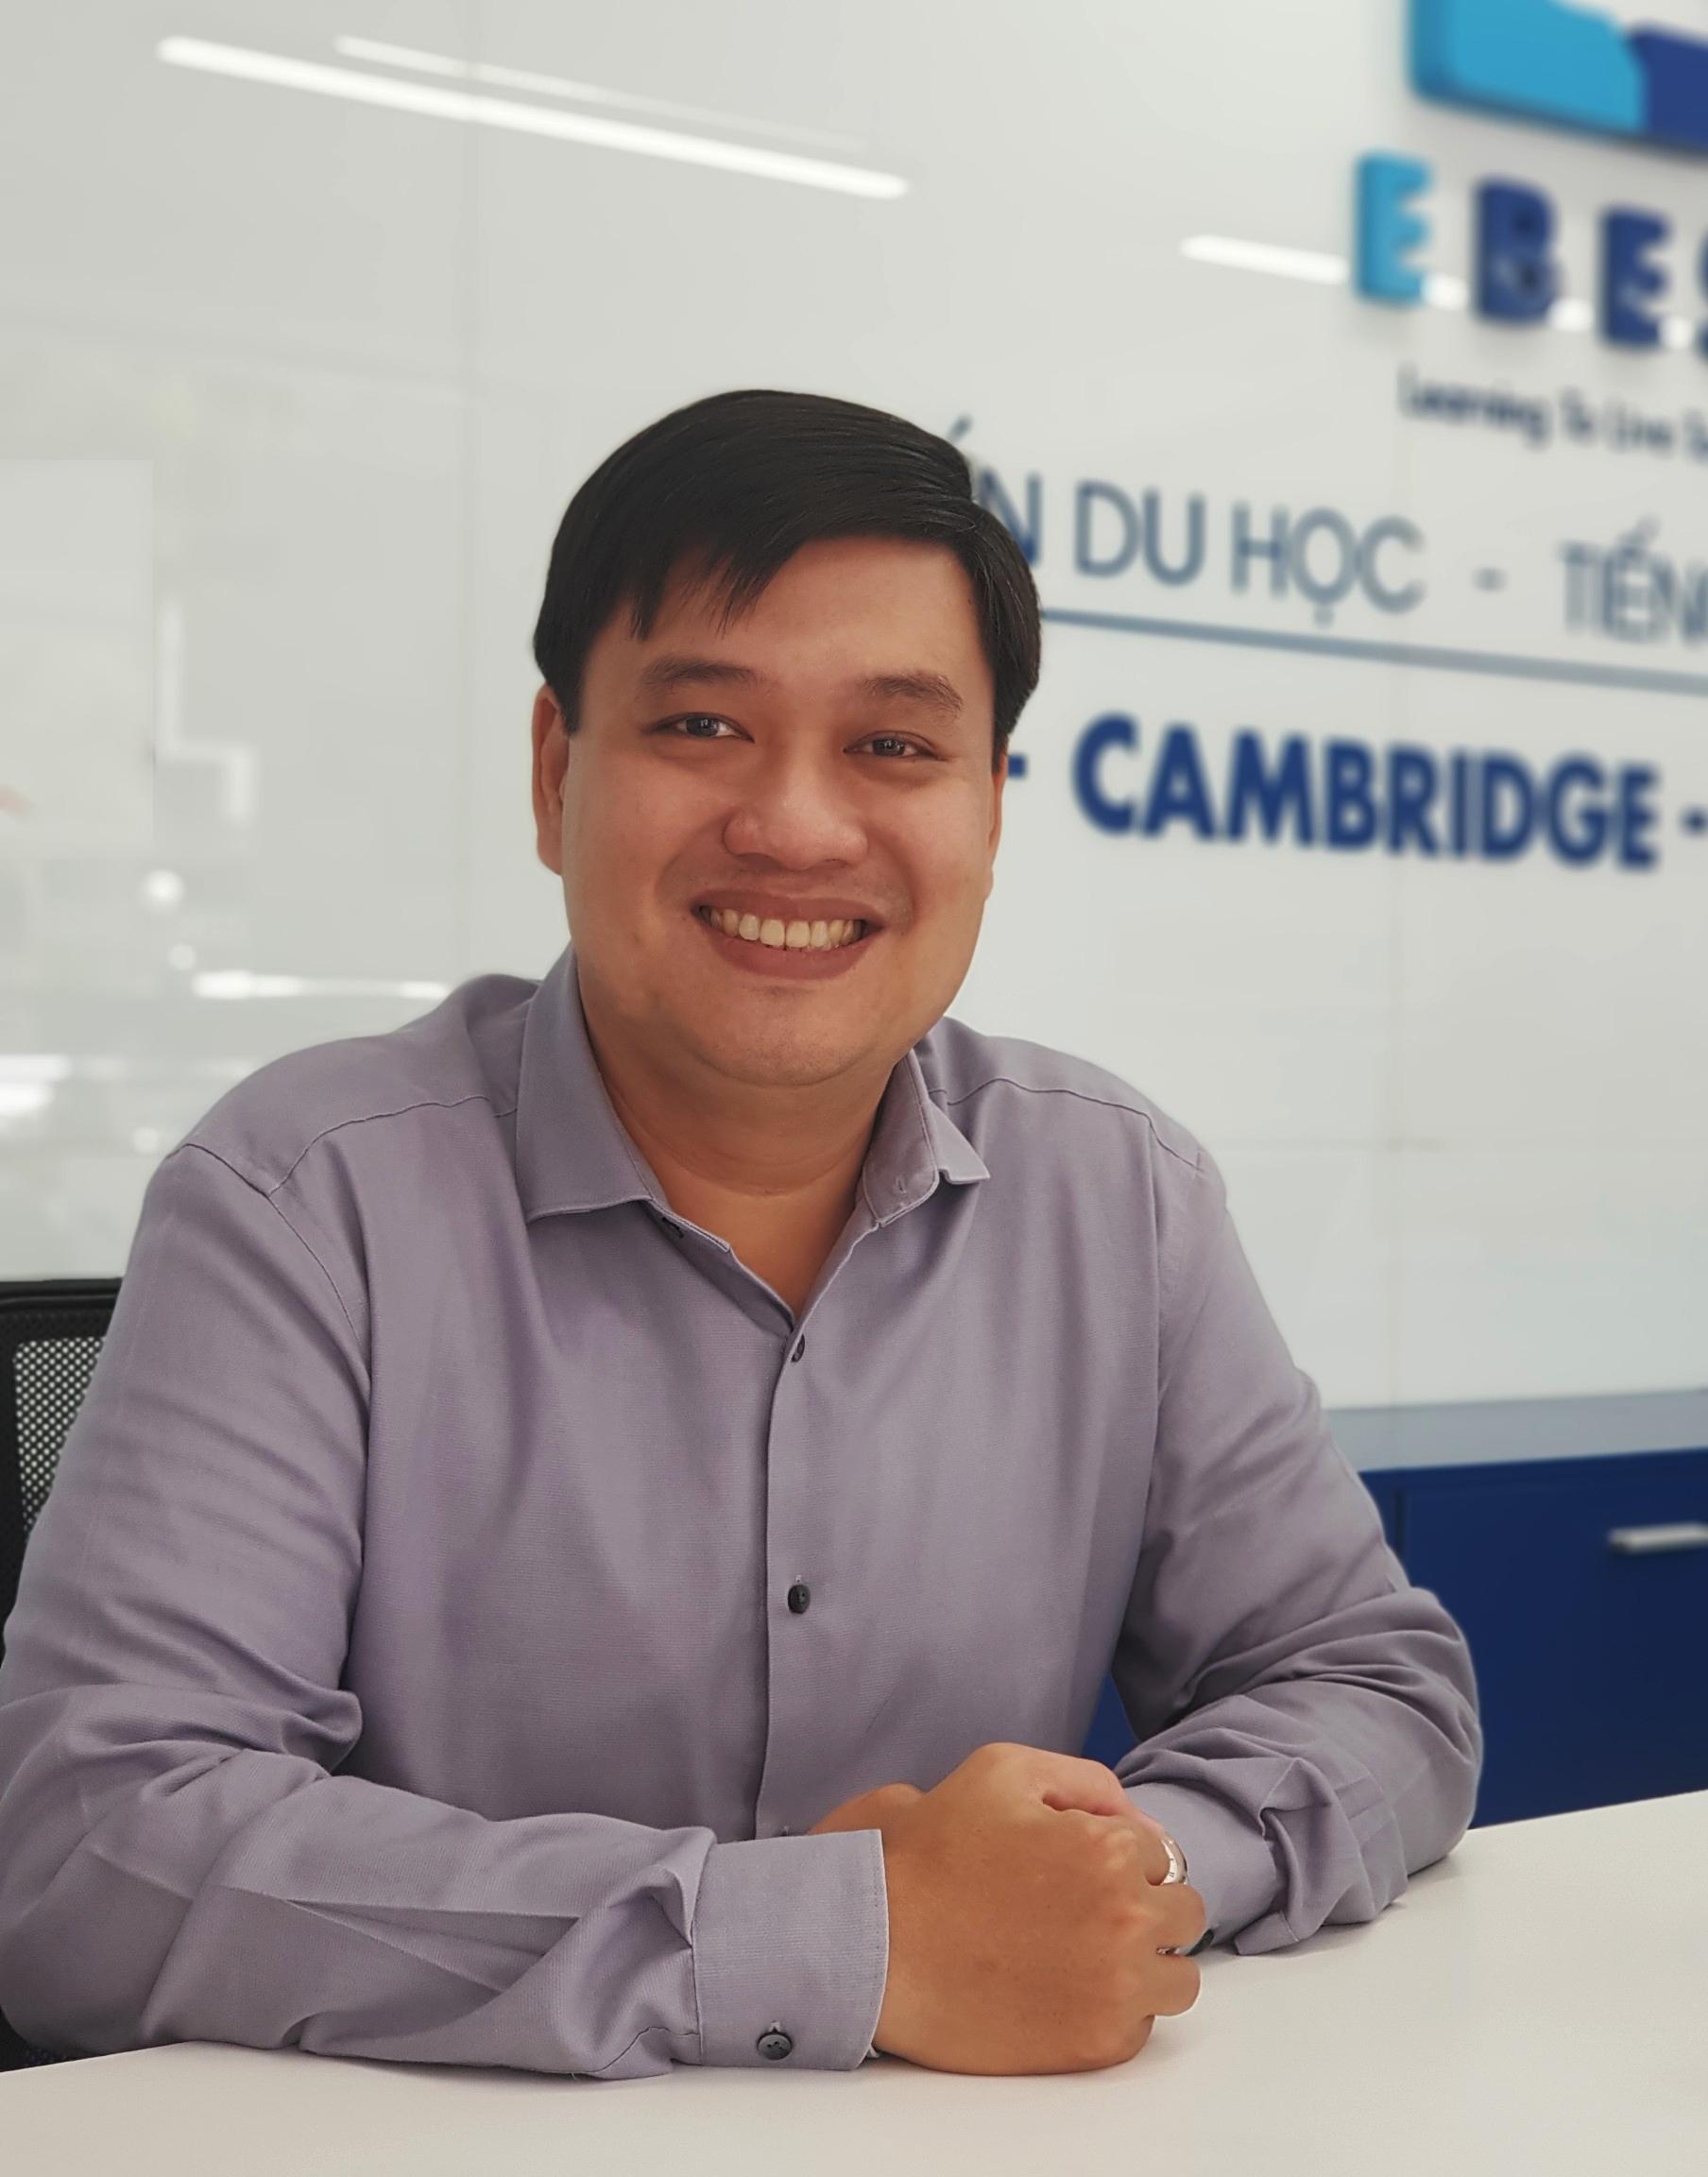 Mr. Nguyễn Trung Hoàng